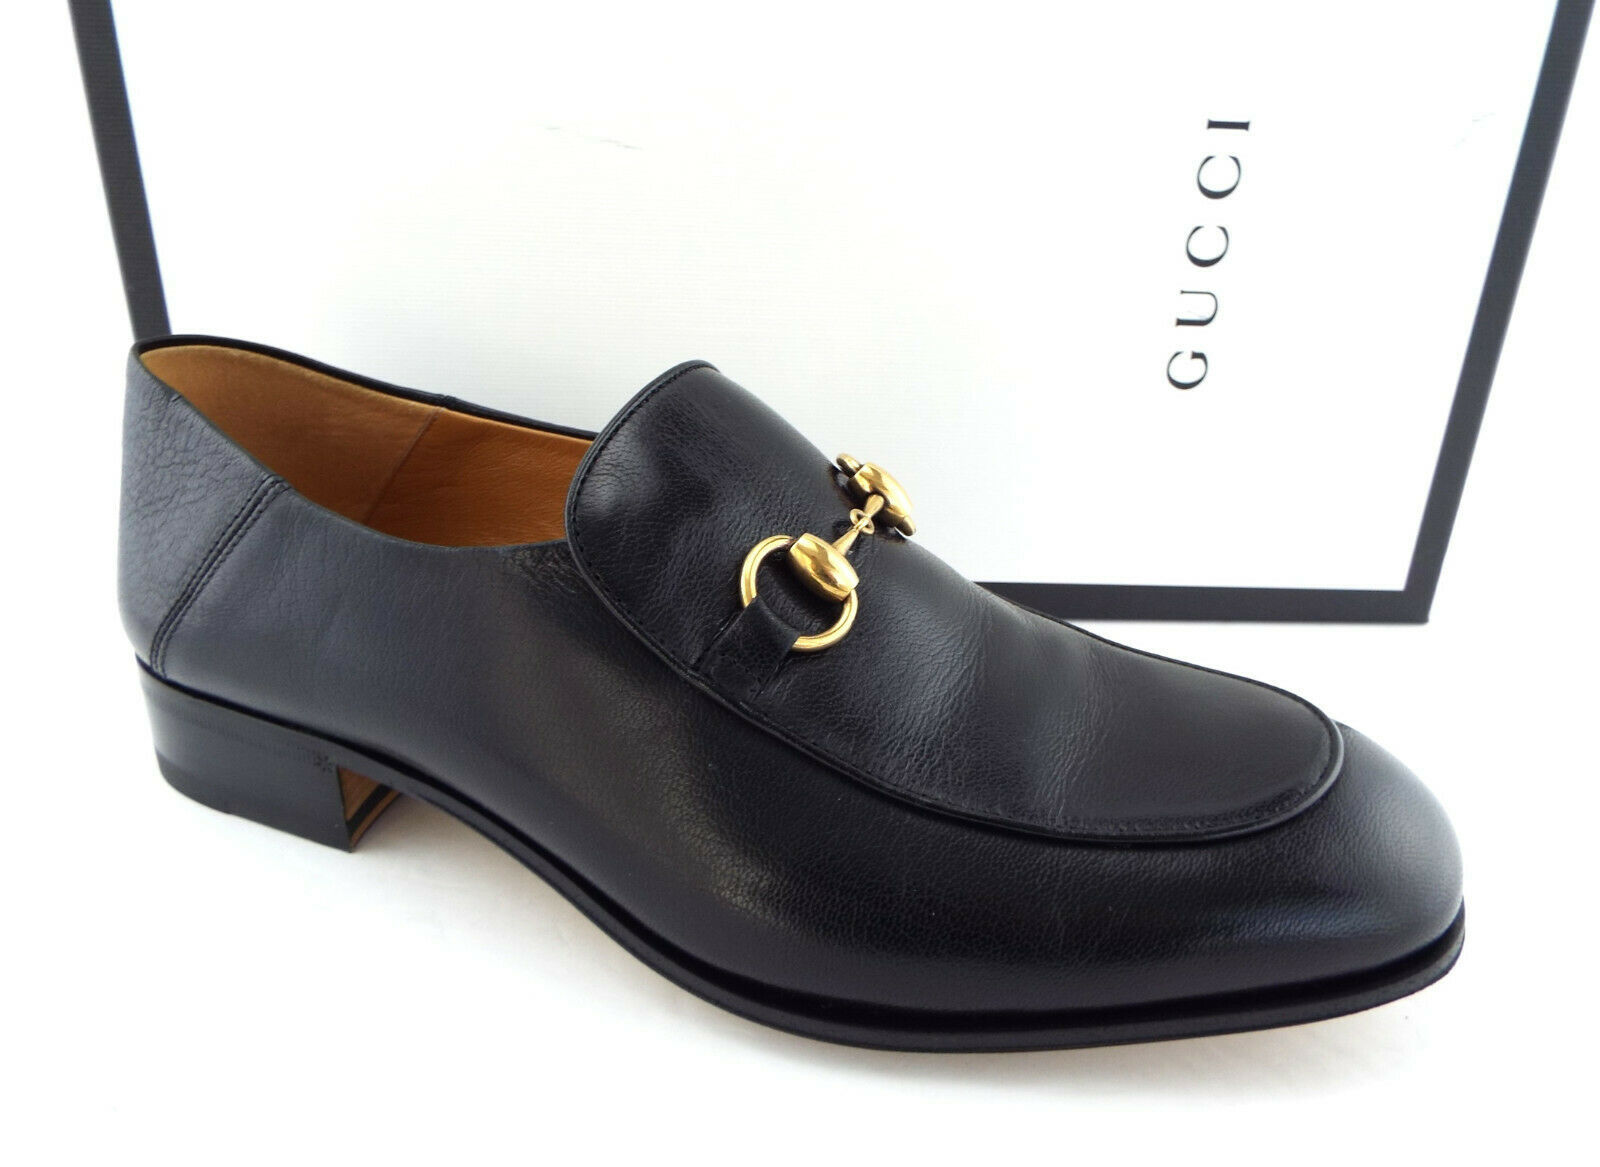 b3ecea1ec New GUCCI Size 8.5 Black Horsebit and 50 similar items